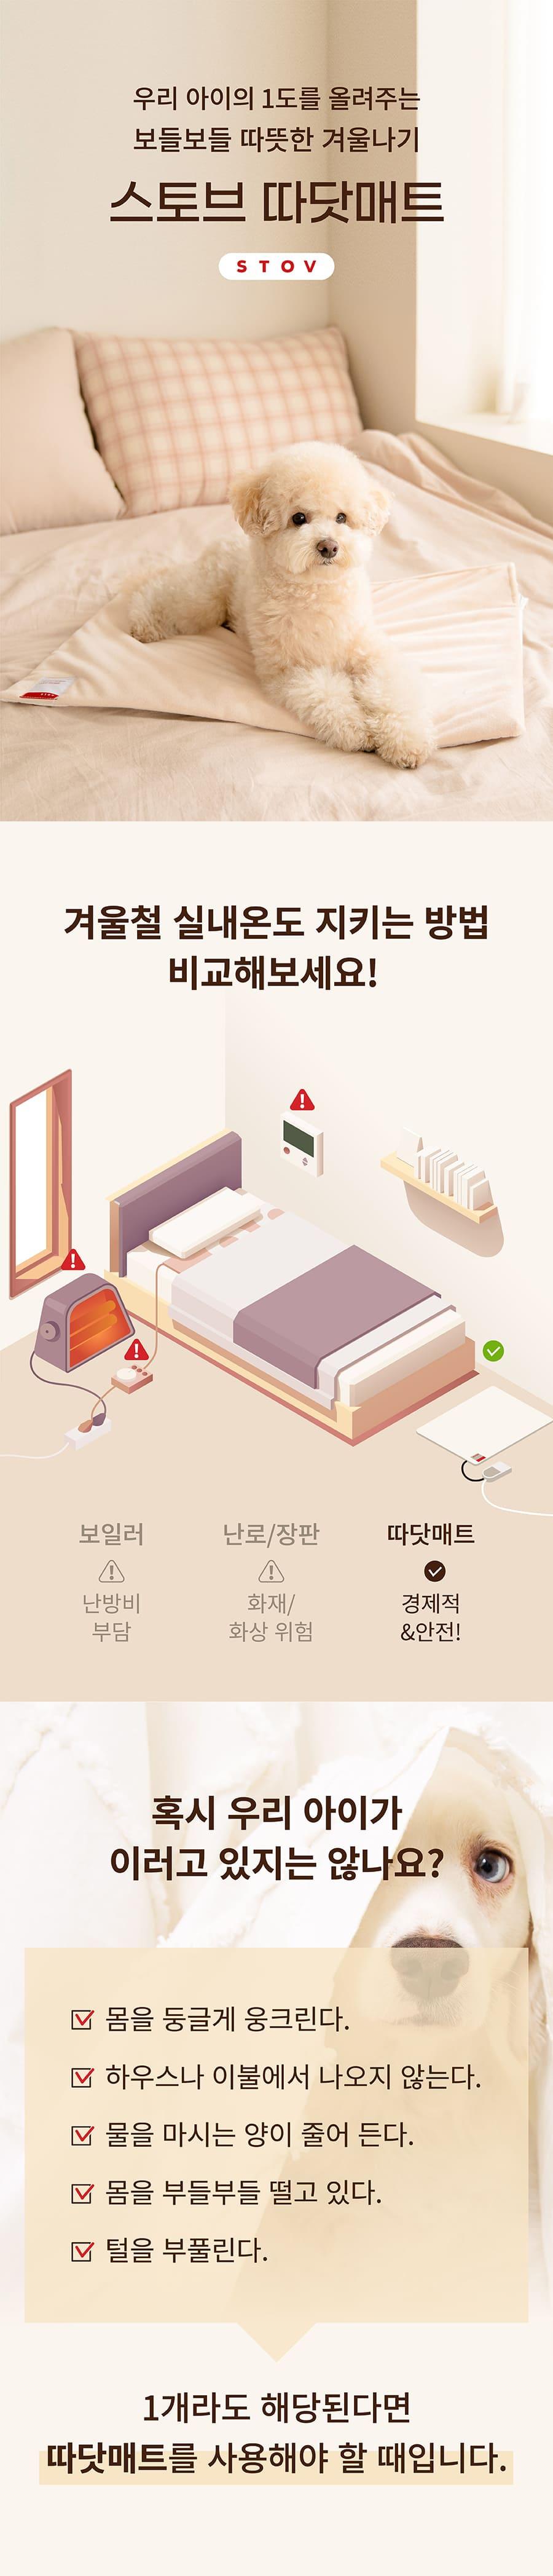 스토브 따닷 히팅매트 (웜베이지/쿨그레이)-상품이미지-2